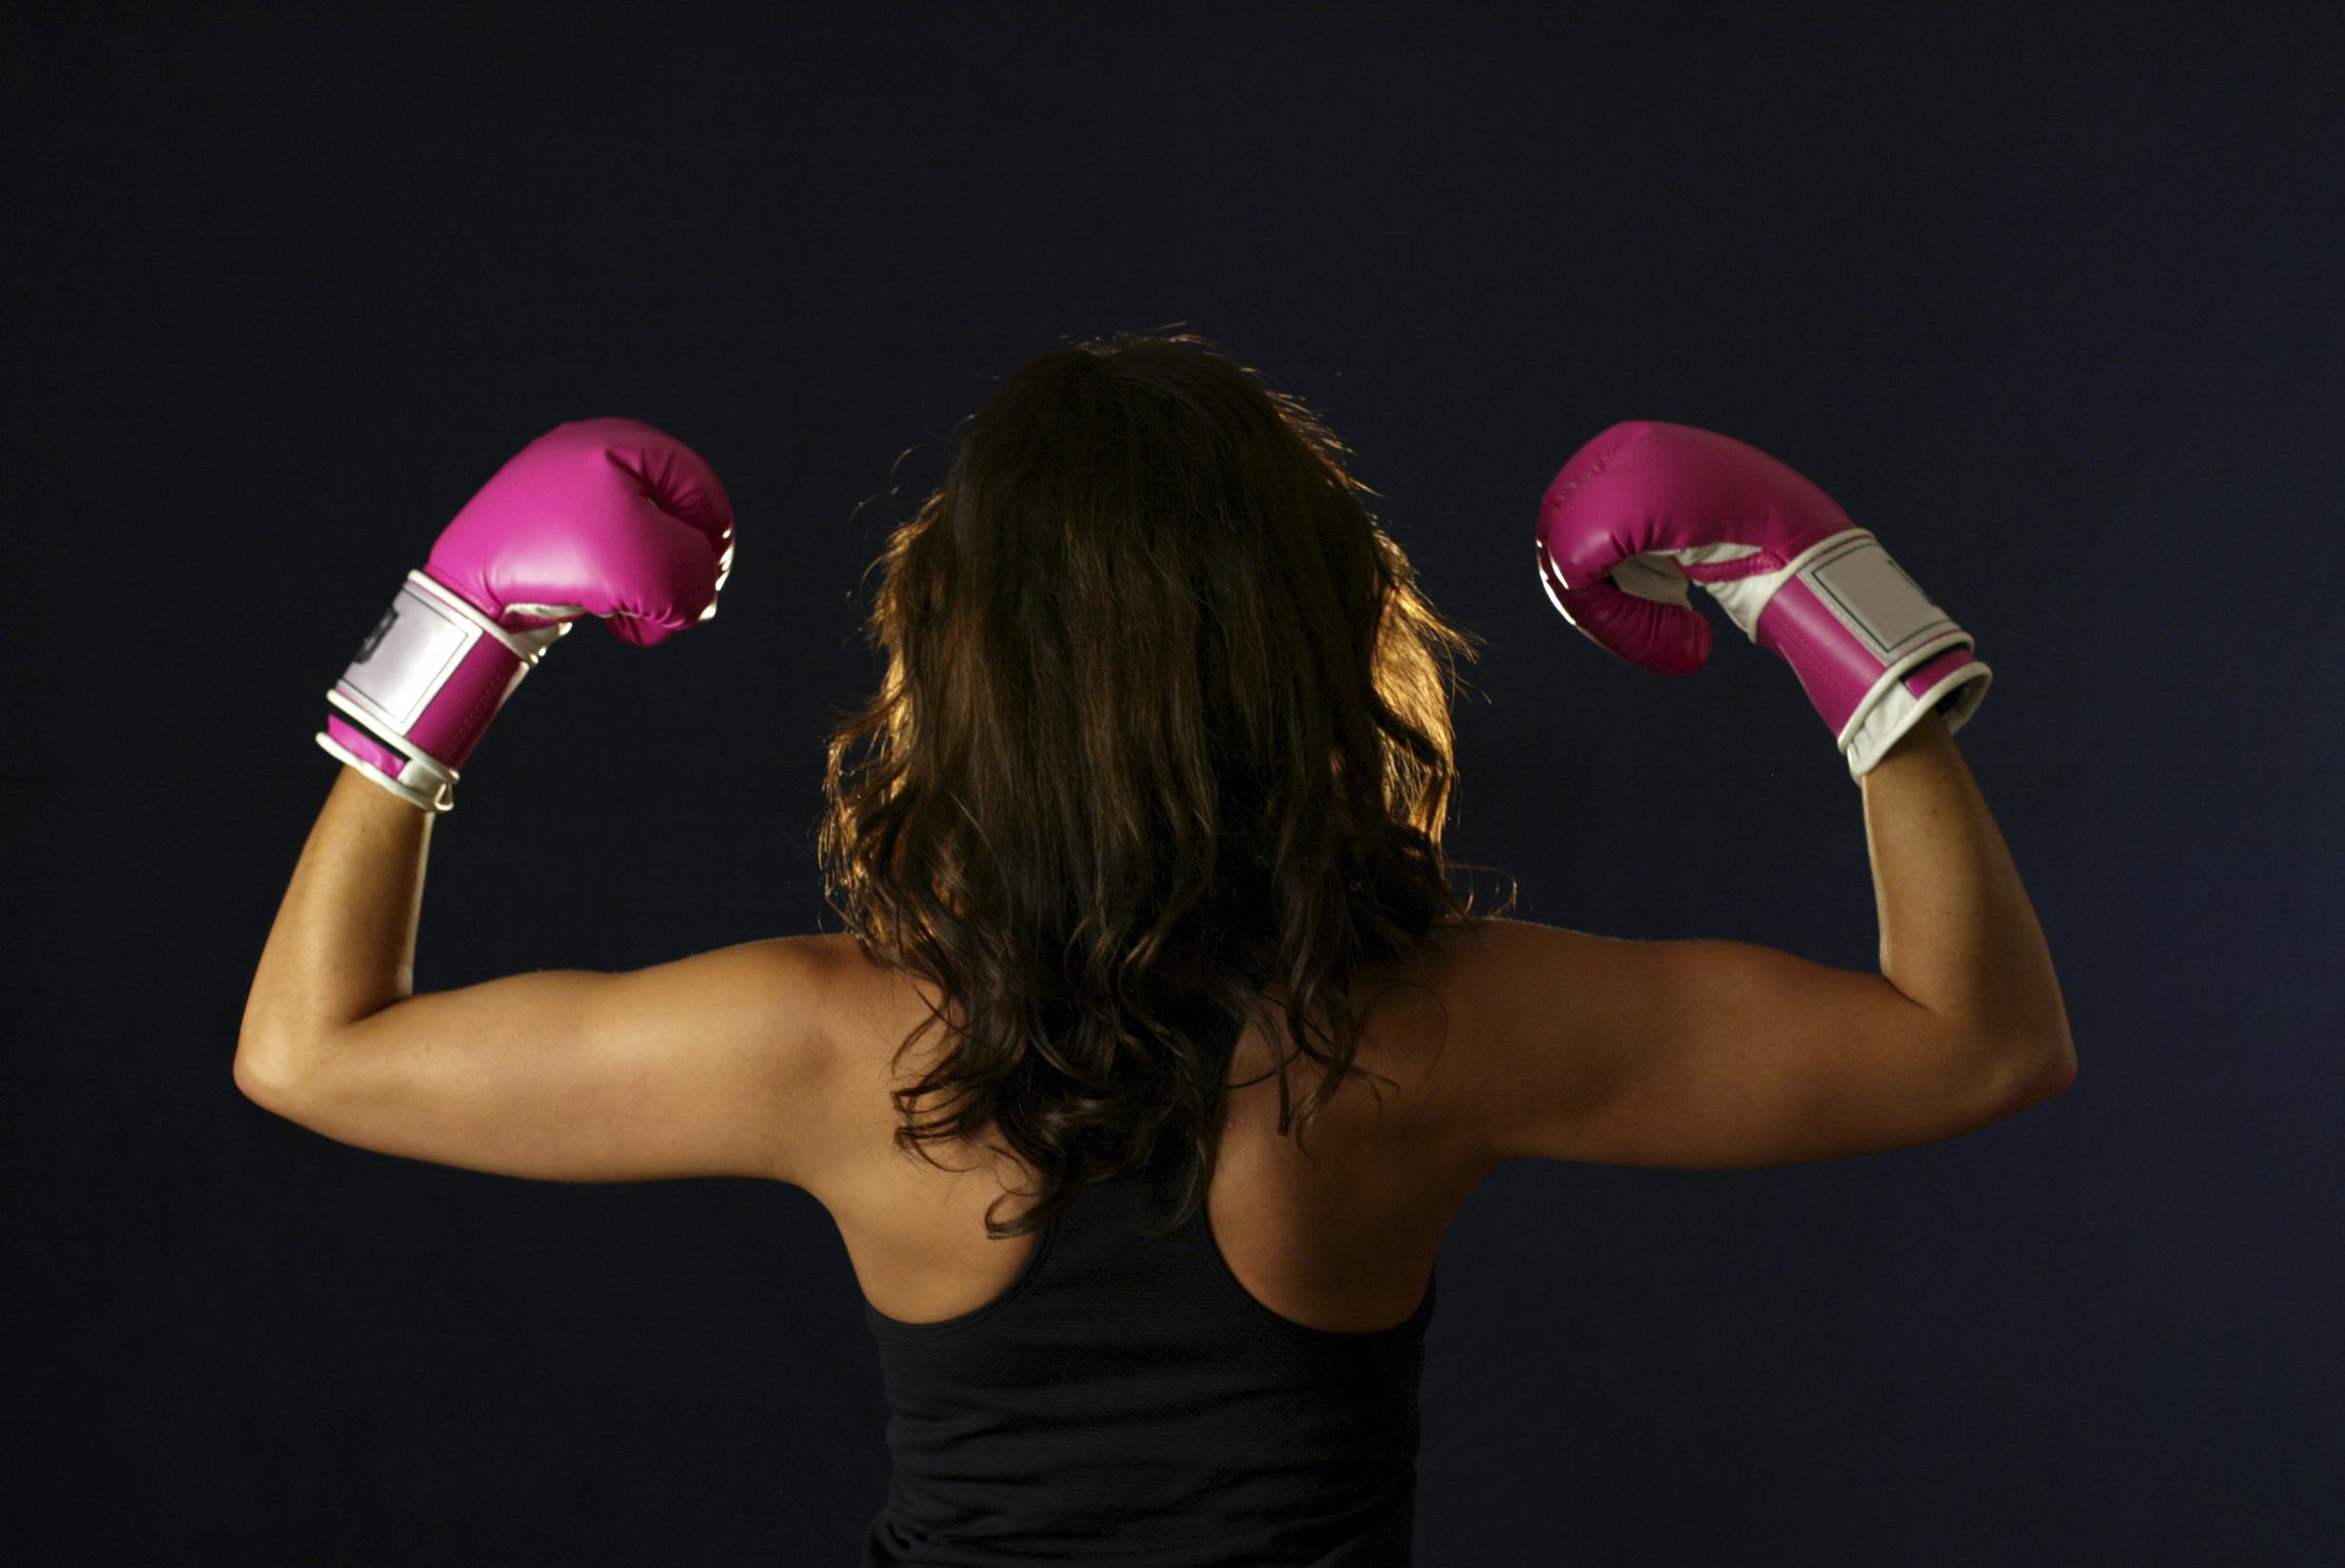 Фото девушек в боксерских перчатках на аву